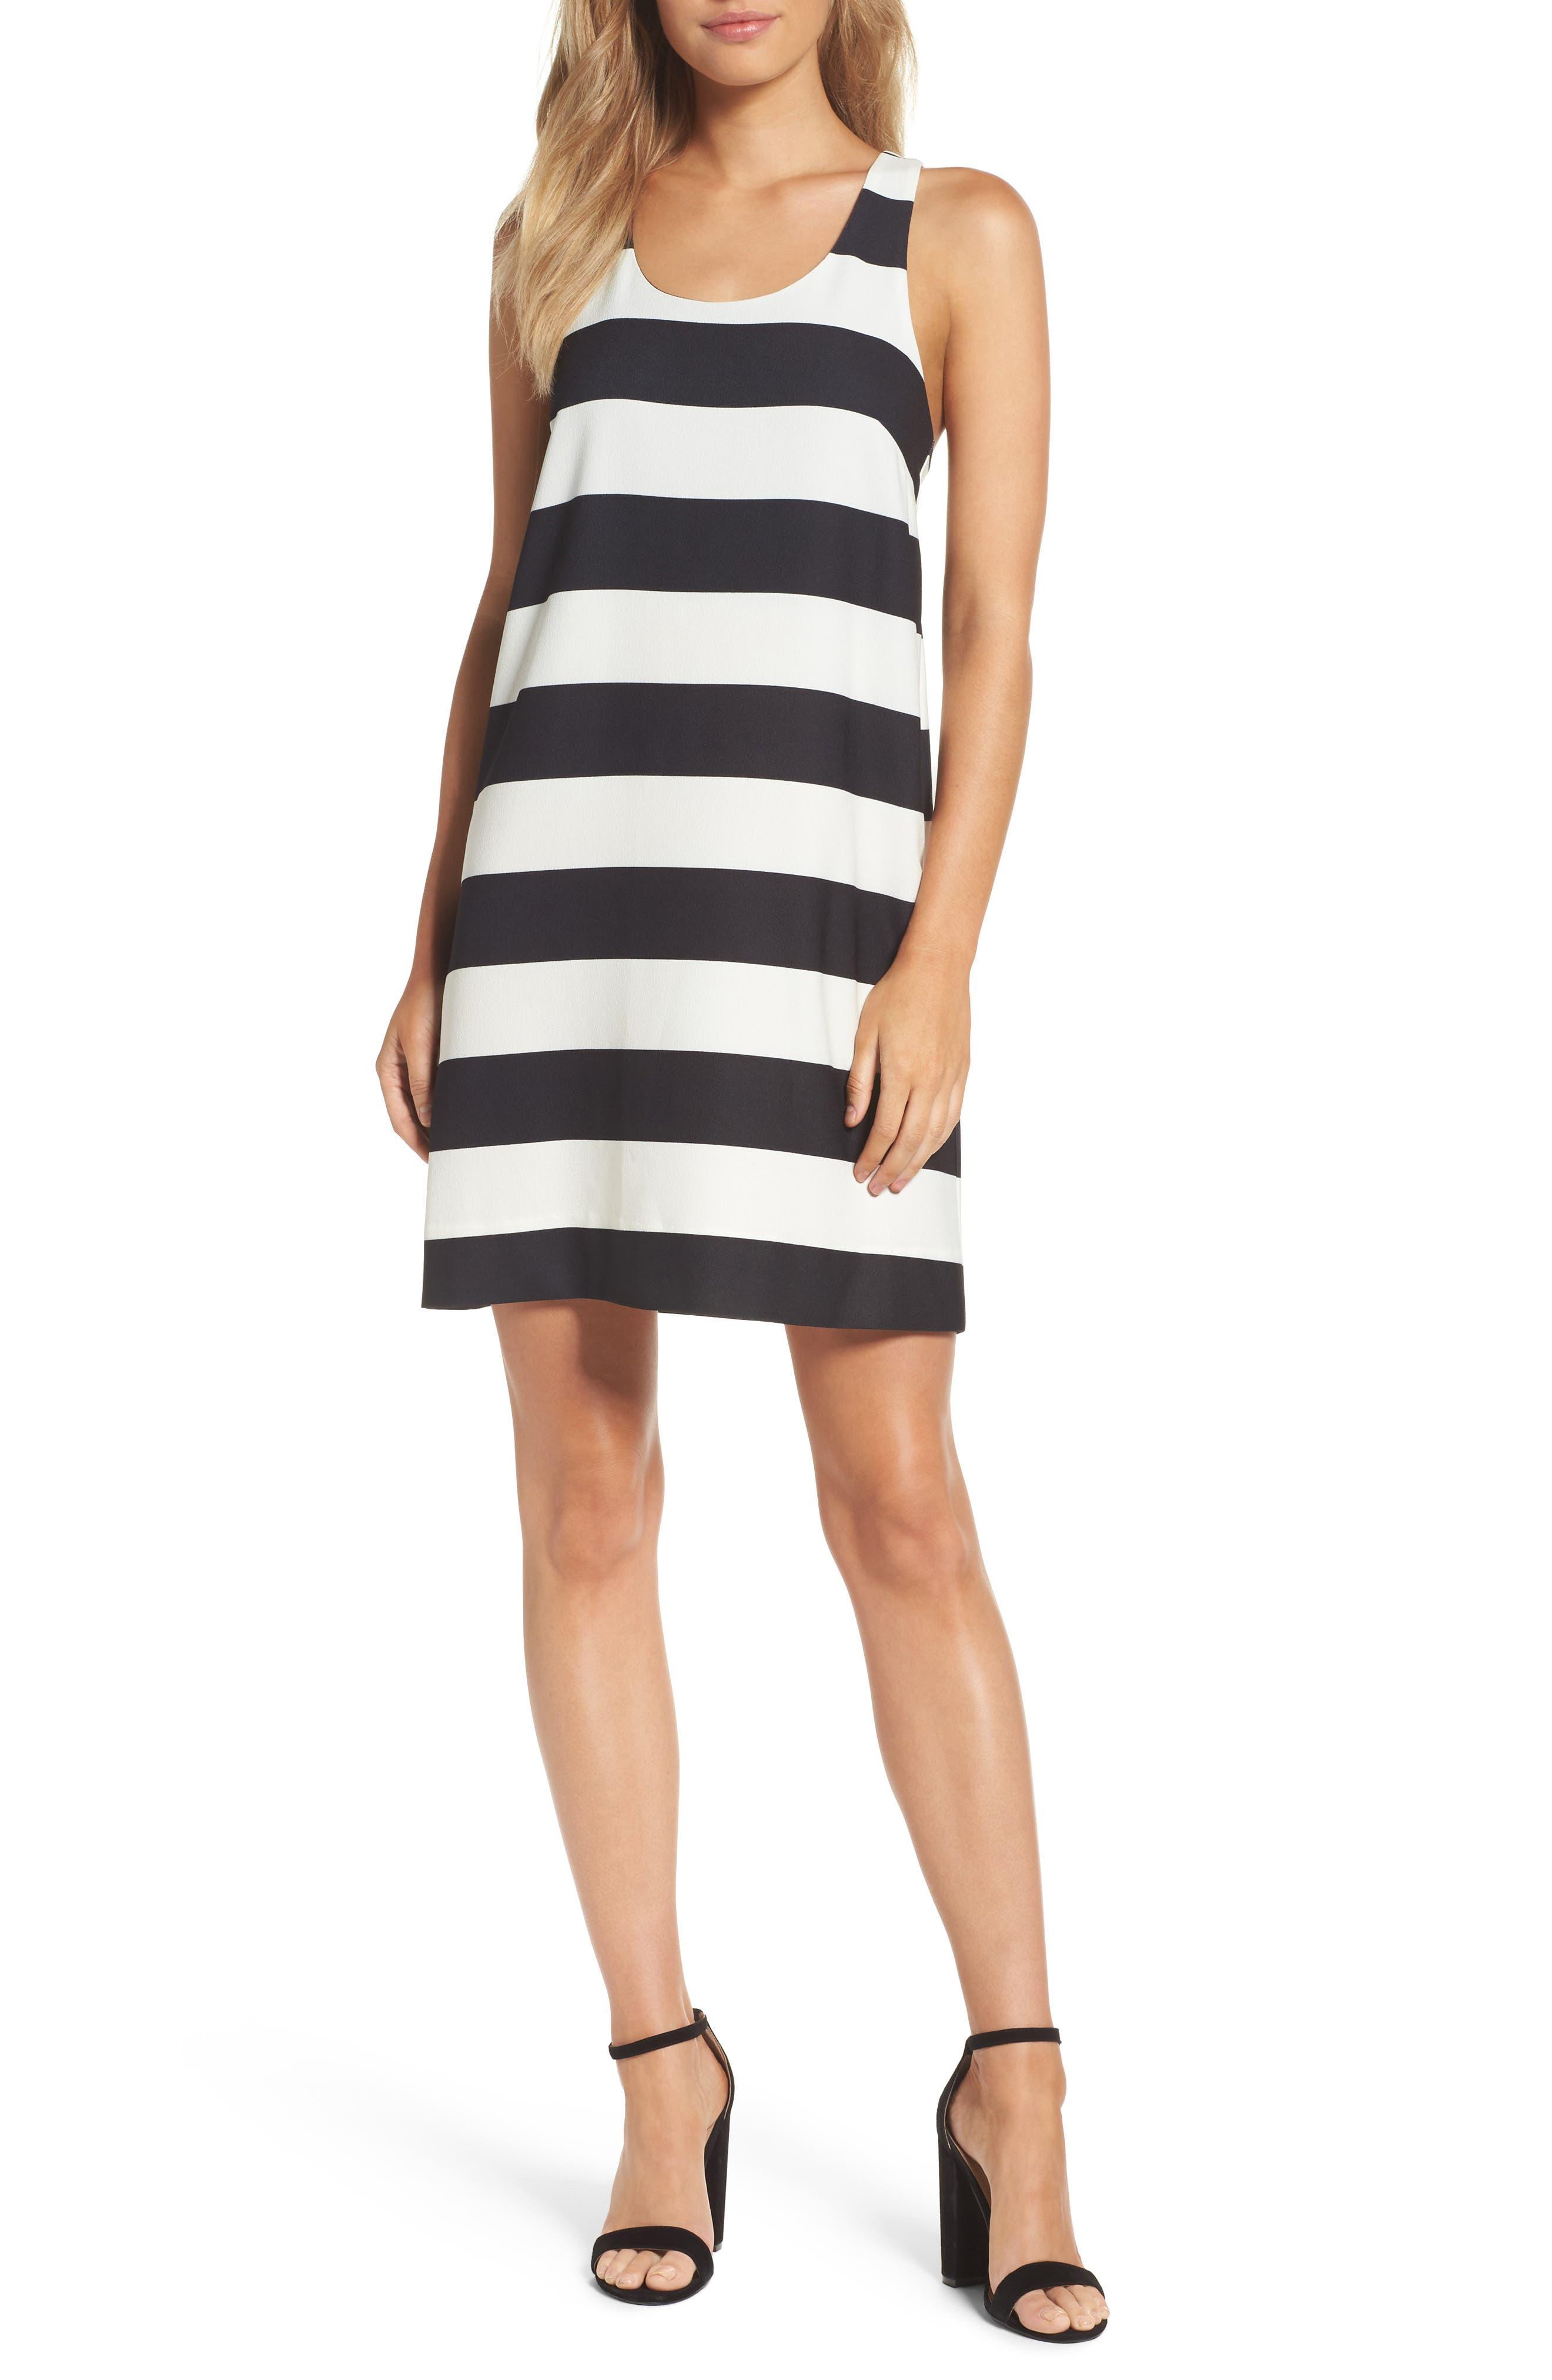 Sandy A-Line Dress,                             Main thumbnail 1, color,                             002